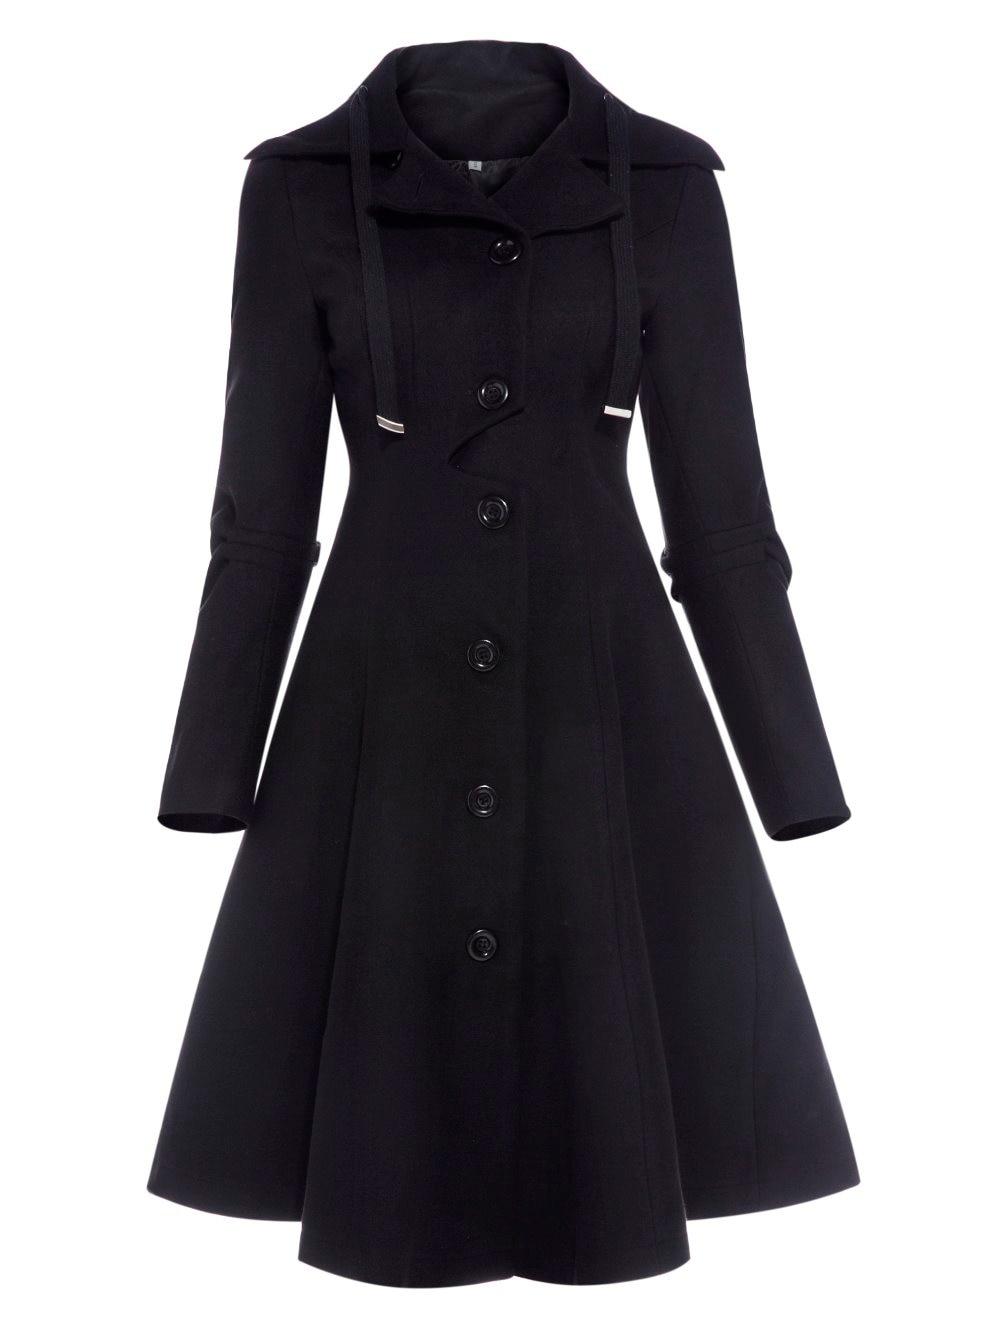 2017 для женщин пальто осень черный Винтаж Готический трапециевидной формы Элегантные зимние Асимметричная гот кружево до натуральн